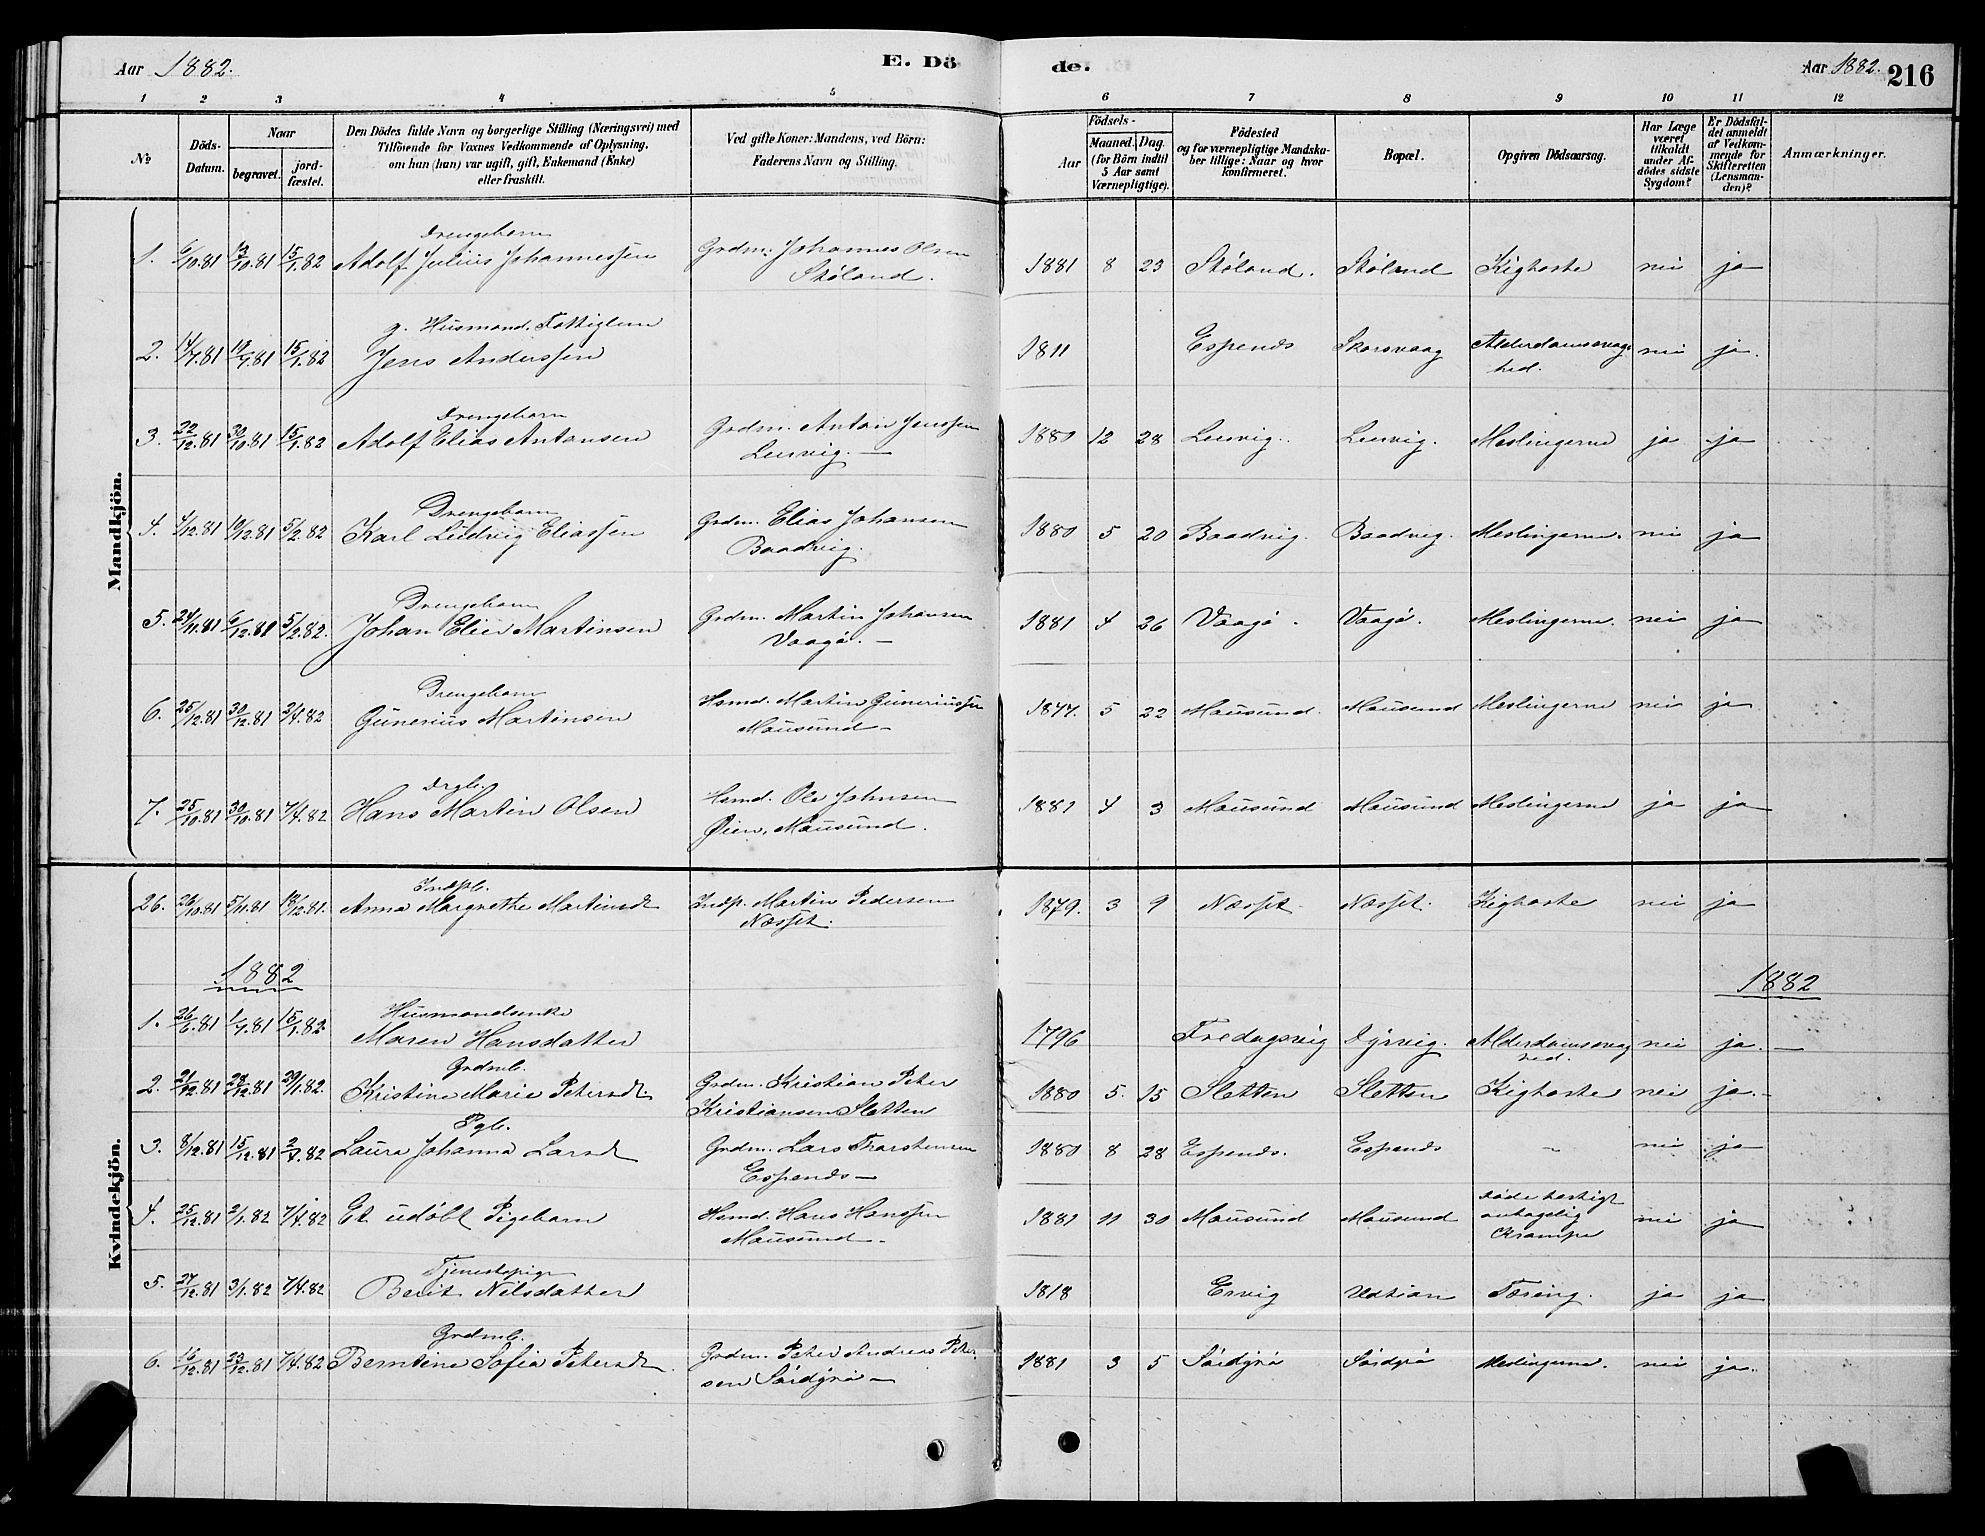 SAT, Ministerialprotokoller, klokkerbøker og fødselsregistre - Sør-Trøndelag, 640/L0585: Klokkerbok nr. 640C03, 1878-1891, s. 216